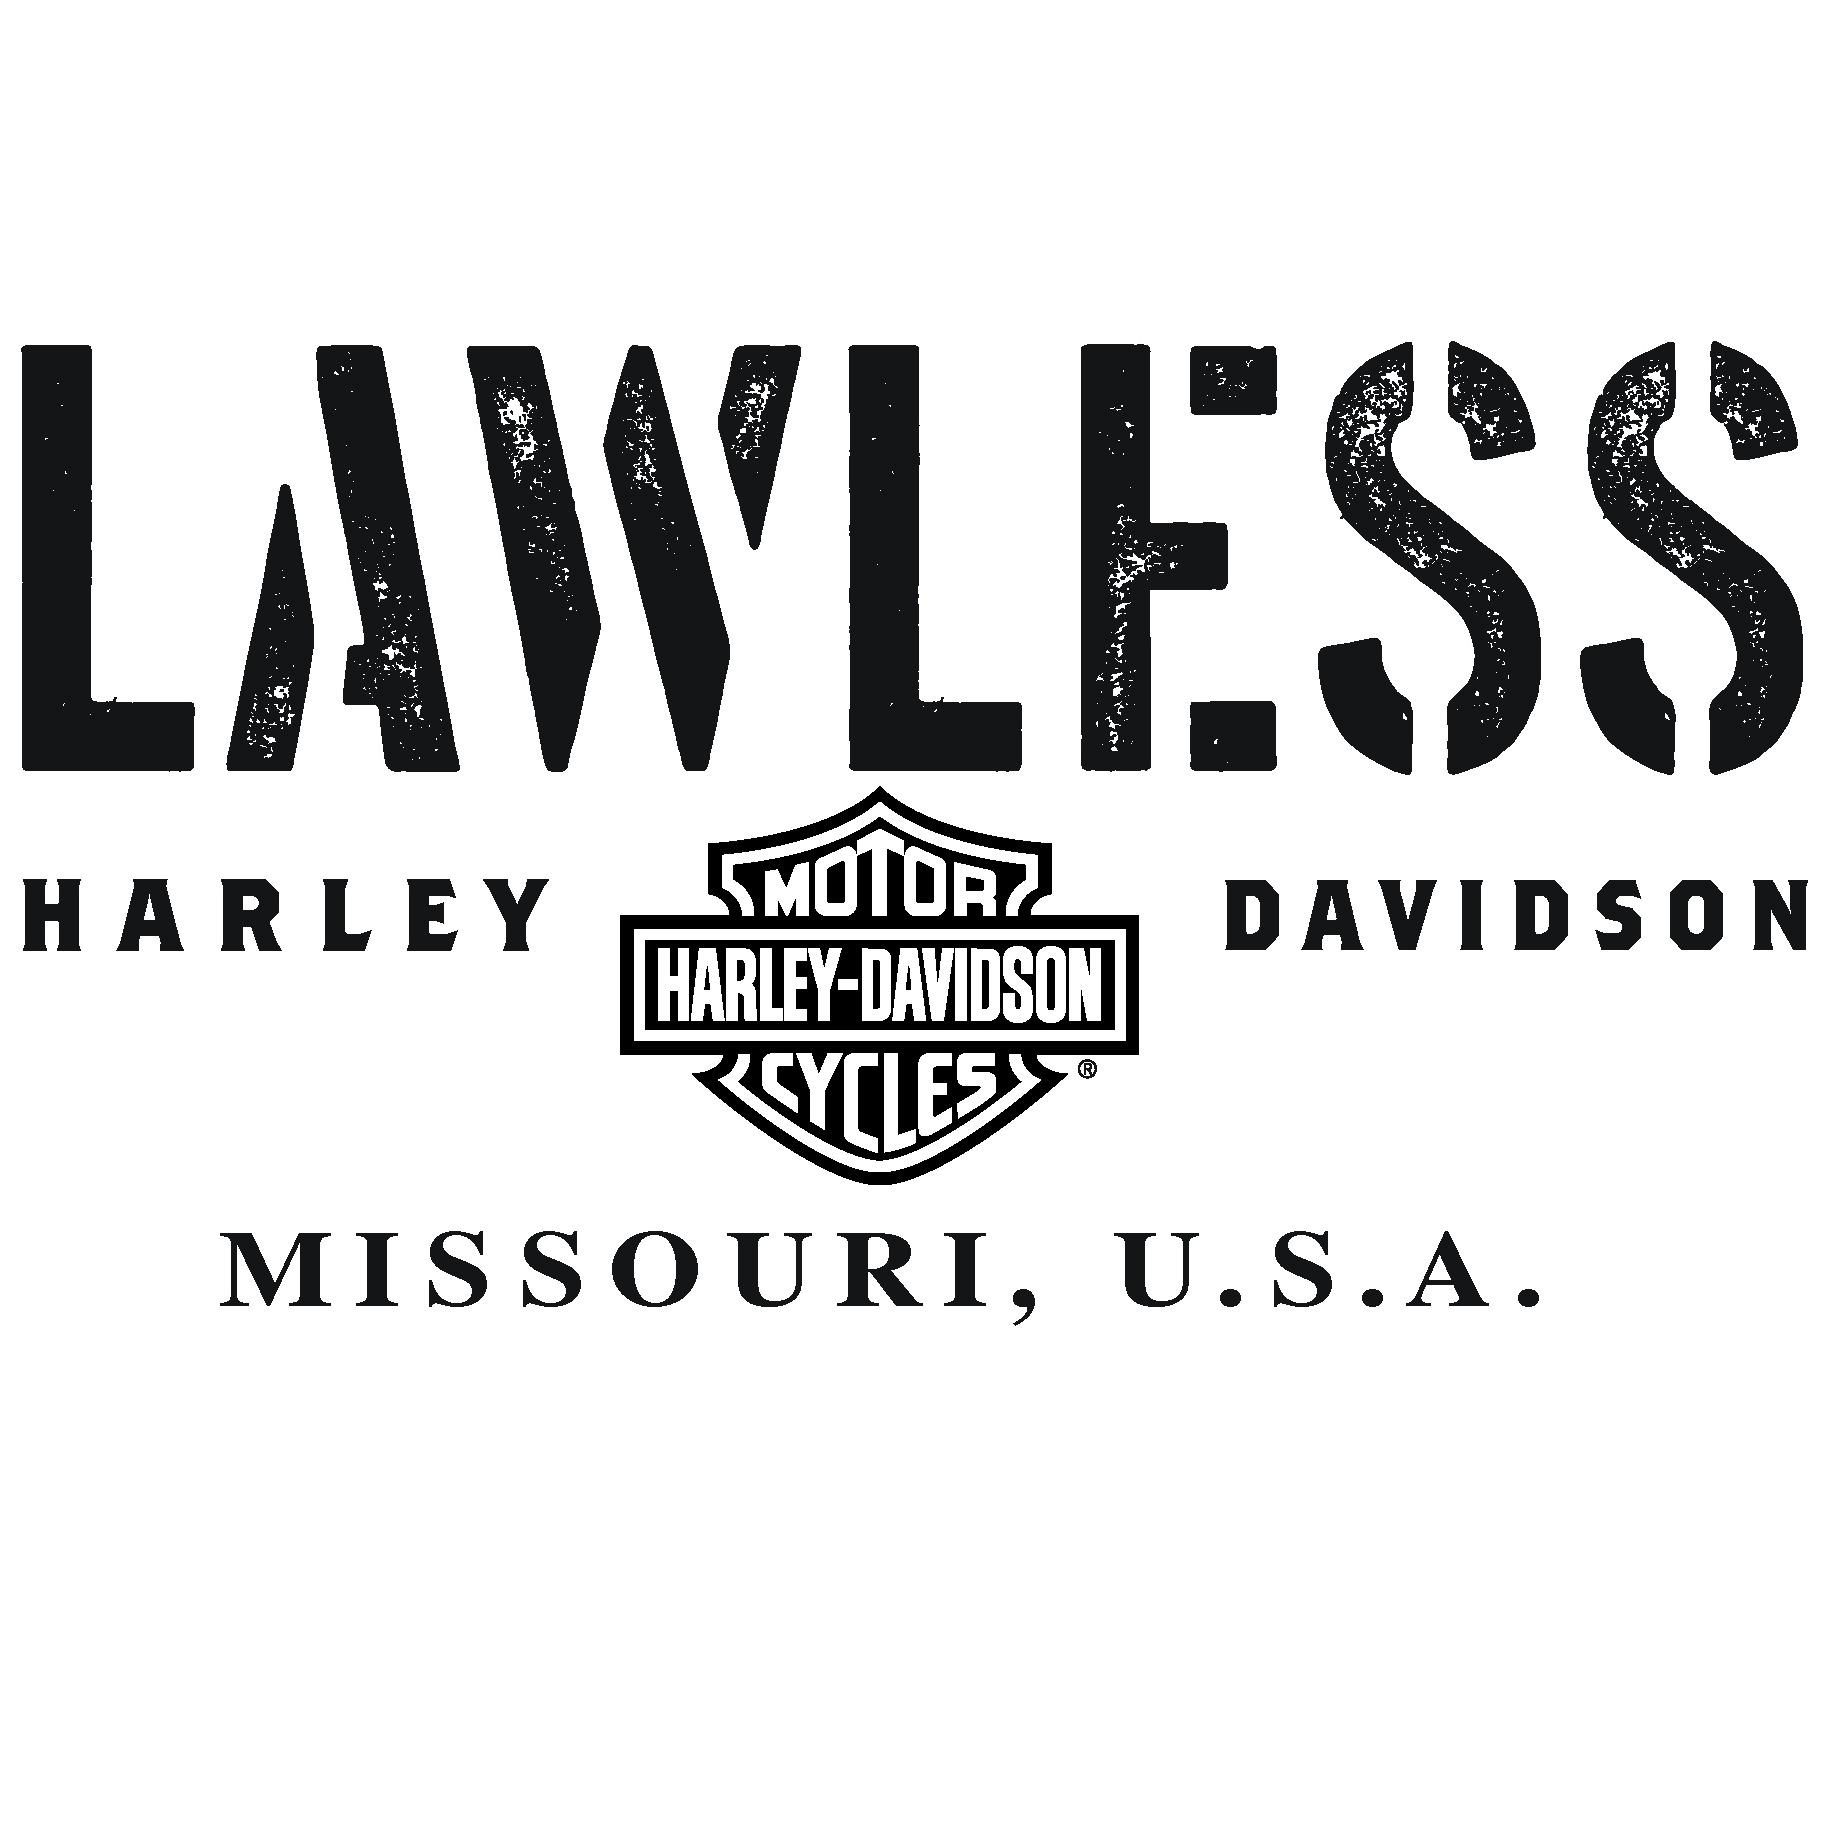 Harley davidson coupon codes